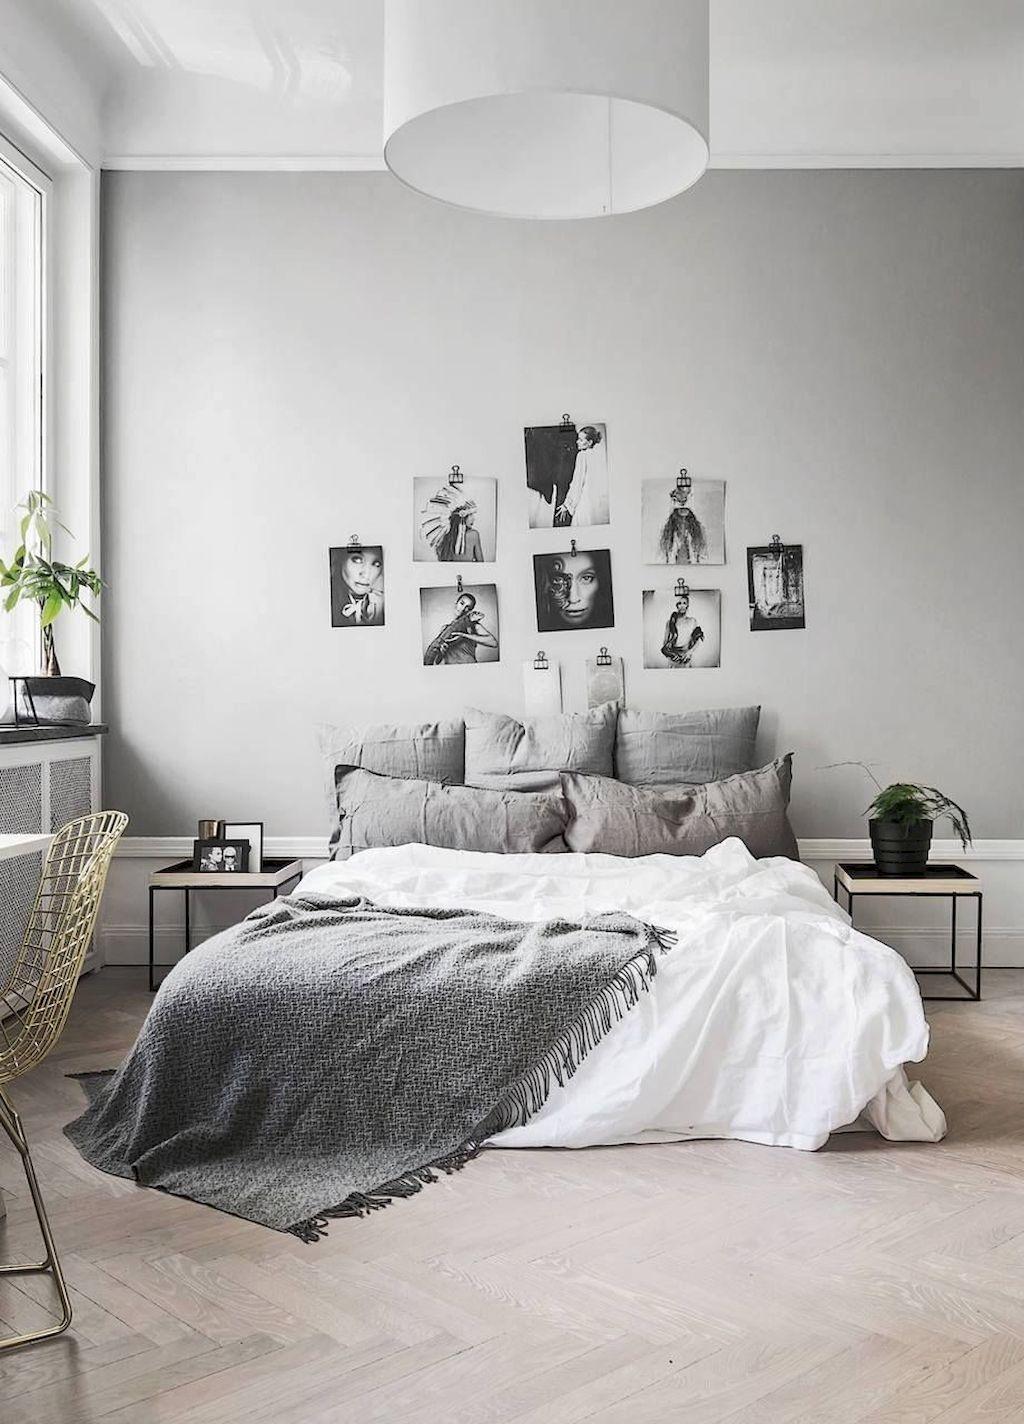 100 Best Scandinavian Bedroom Decor Ideas httpscarrebianhomecom100